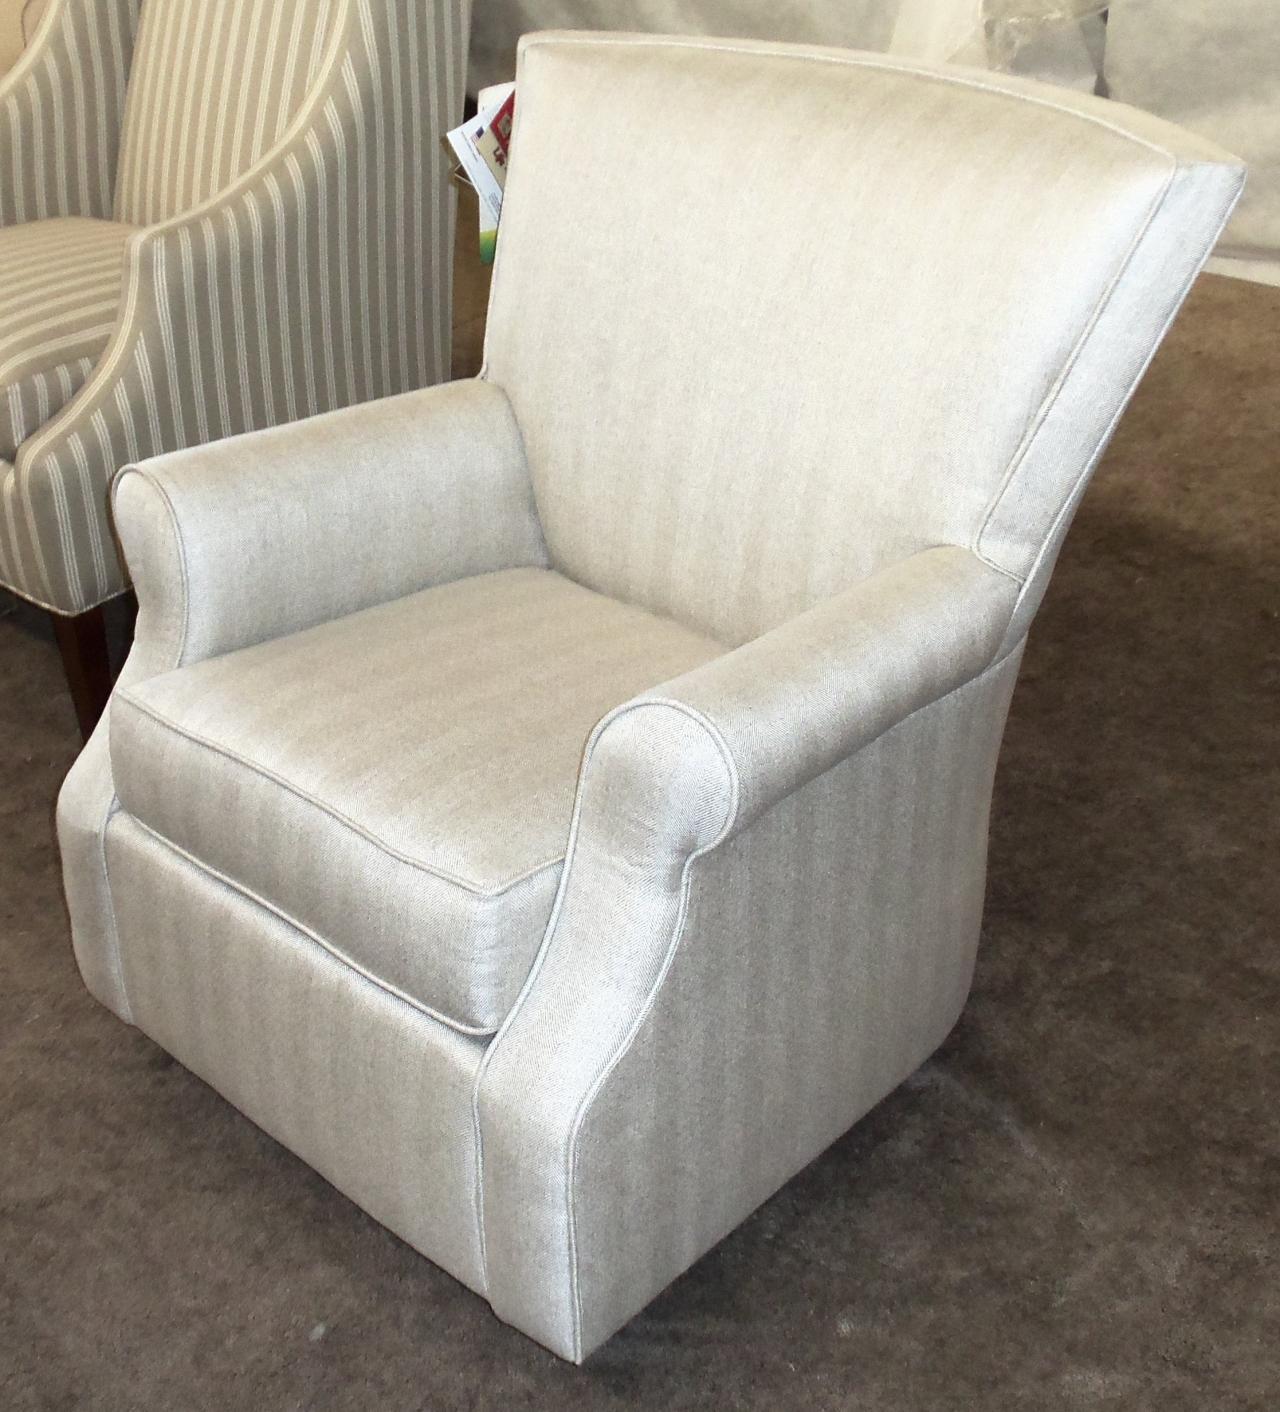 Barnett Furniture Craftmaster sg